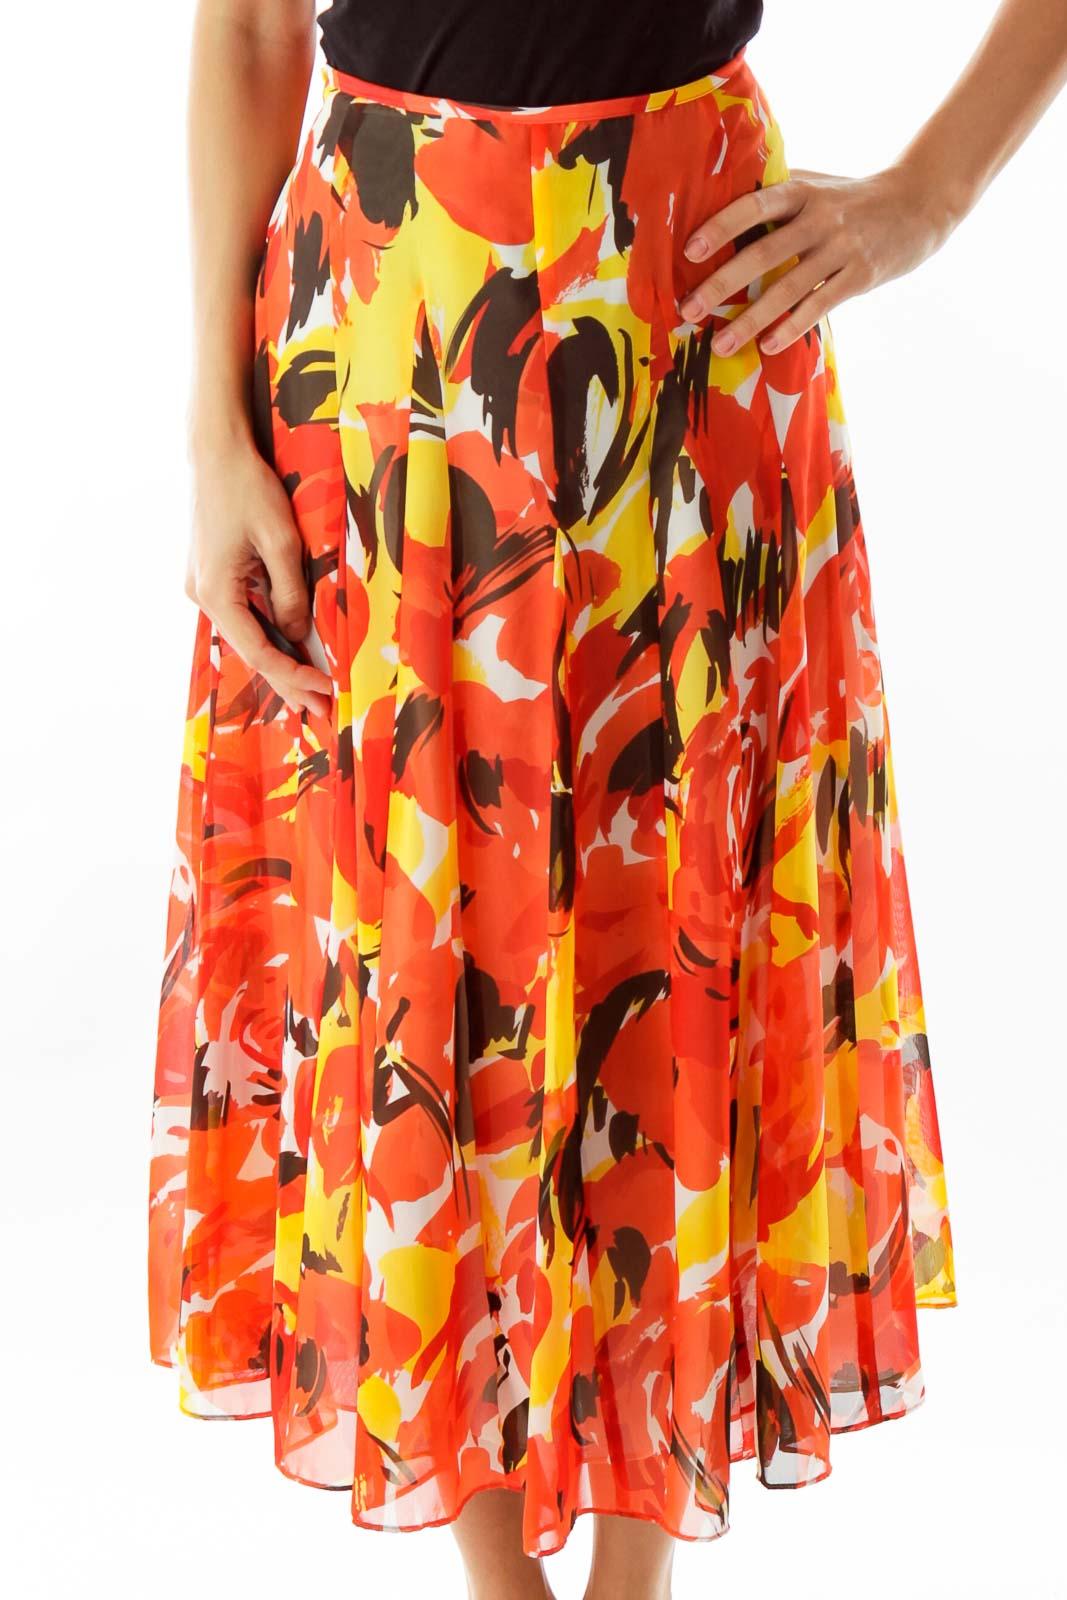 Orange Floral Skirt Front